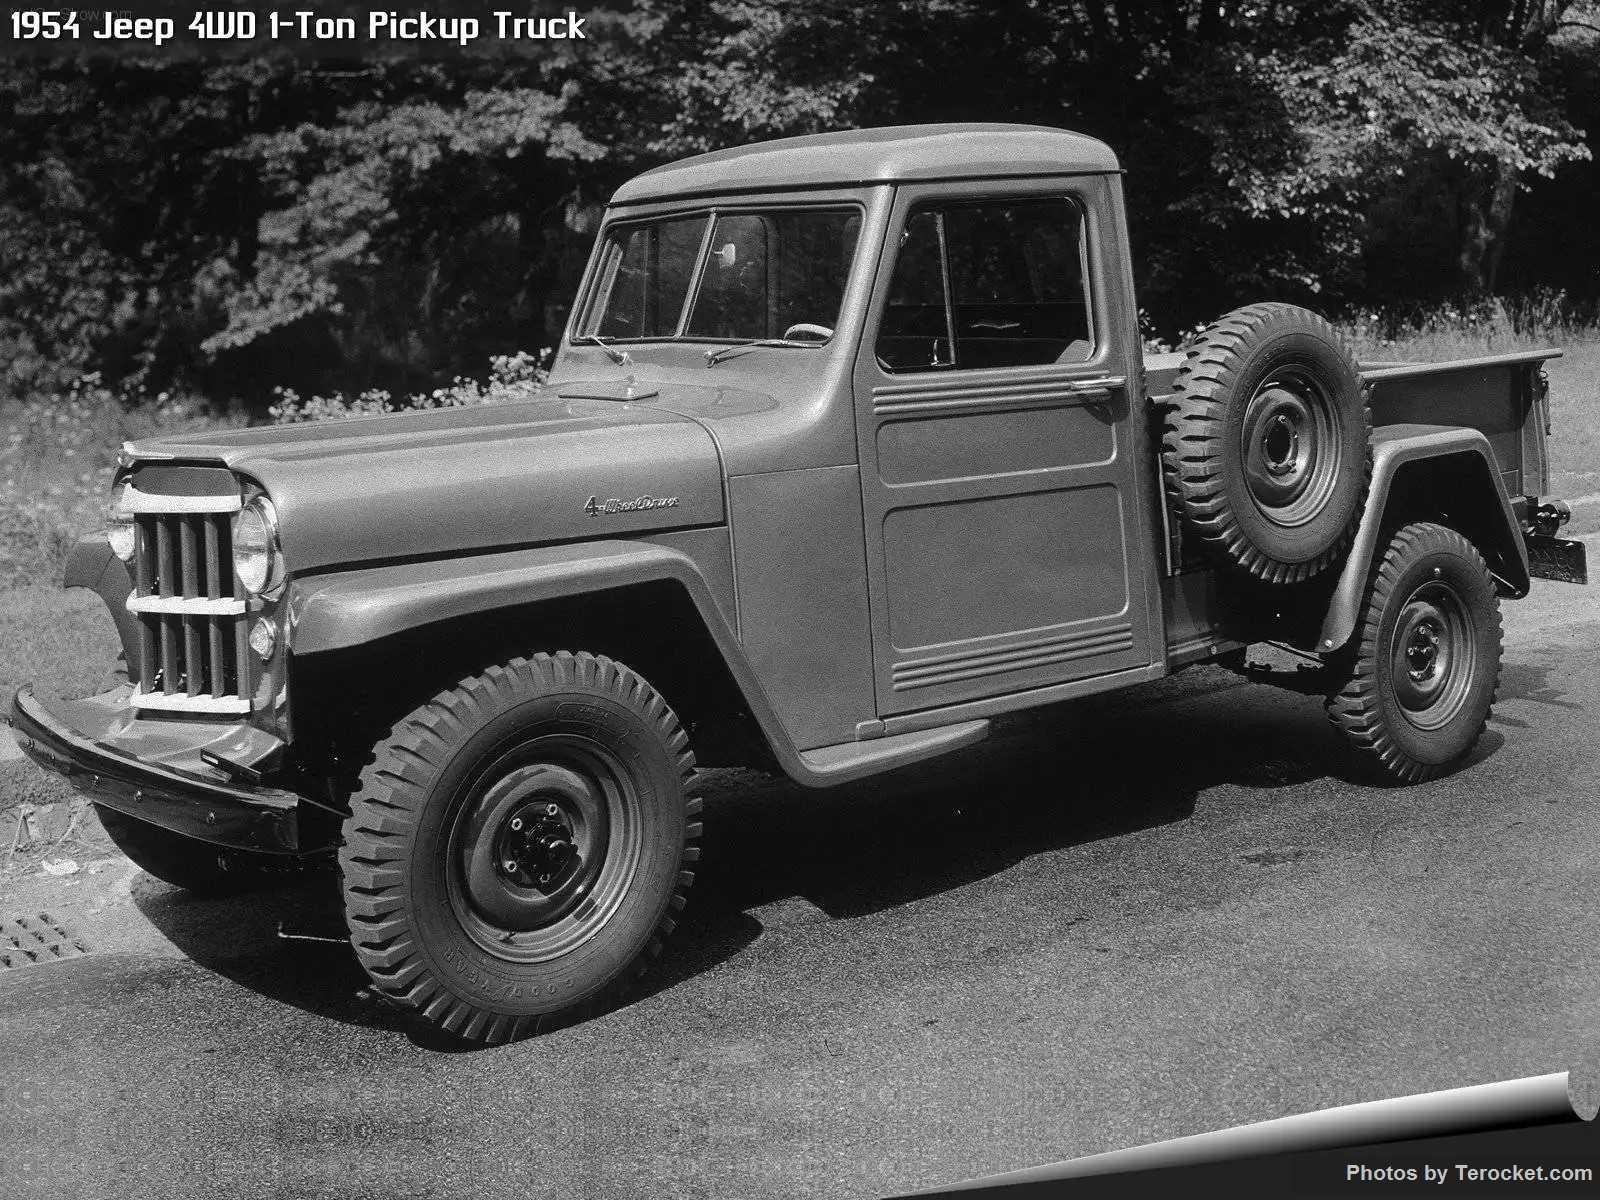 Hình ảnh xe ô tô Jeep 4WD 1-Ton Pickup Truck 1954 & nội ngoại thất